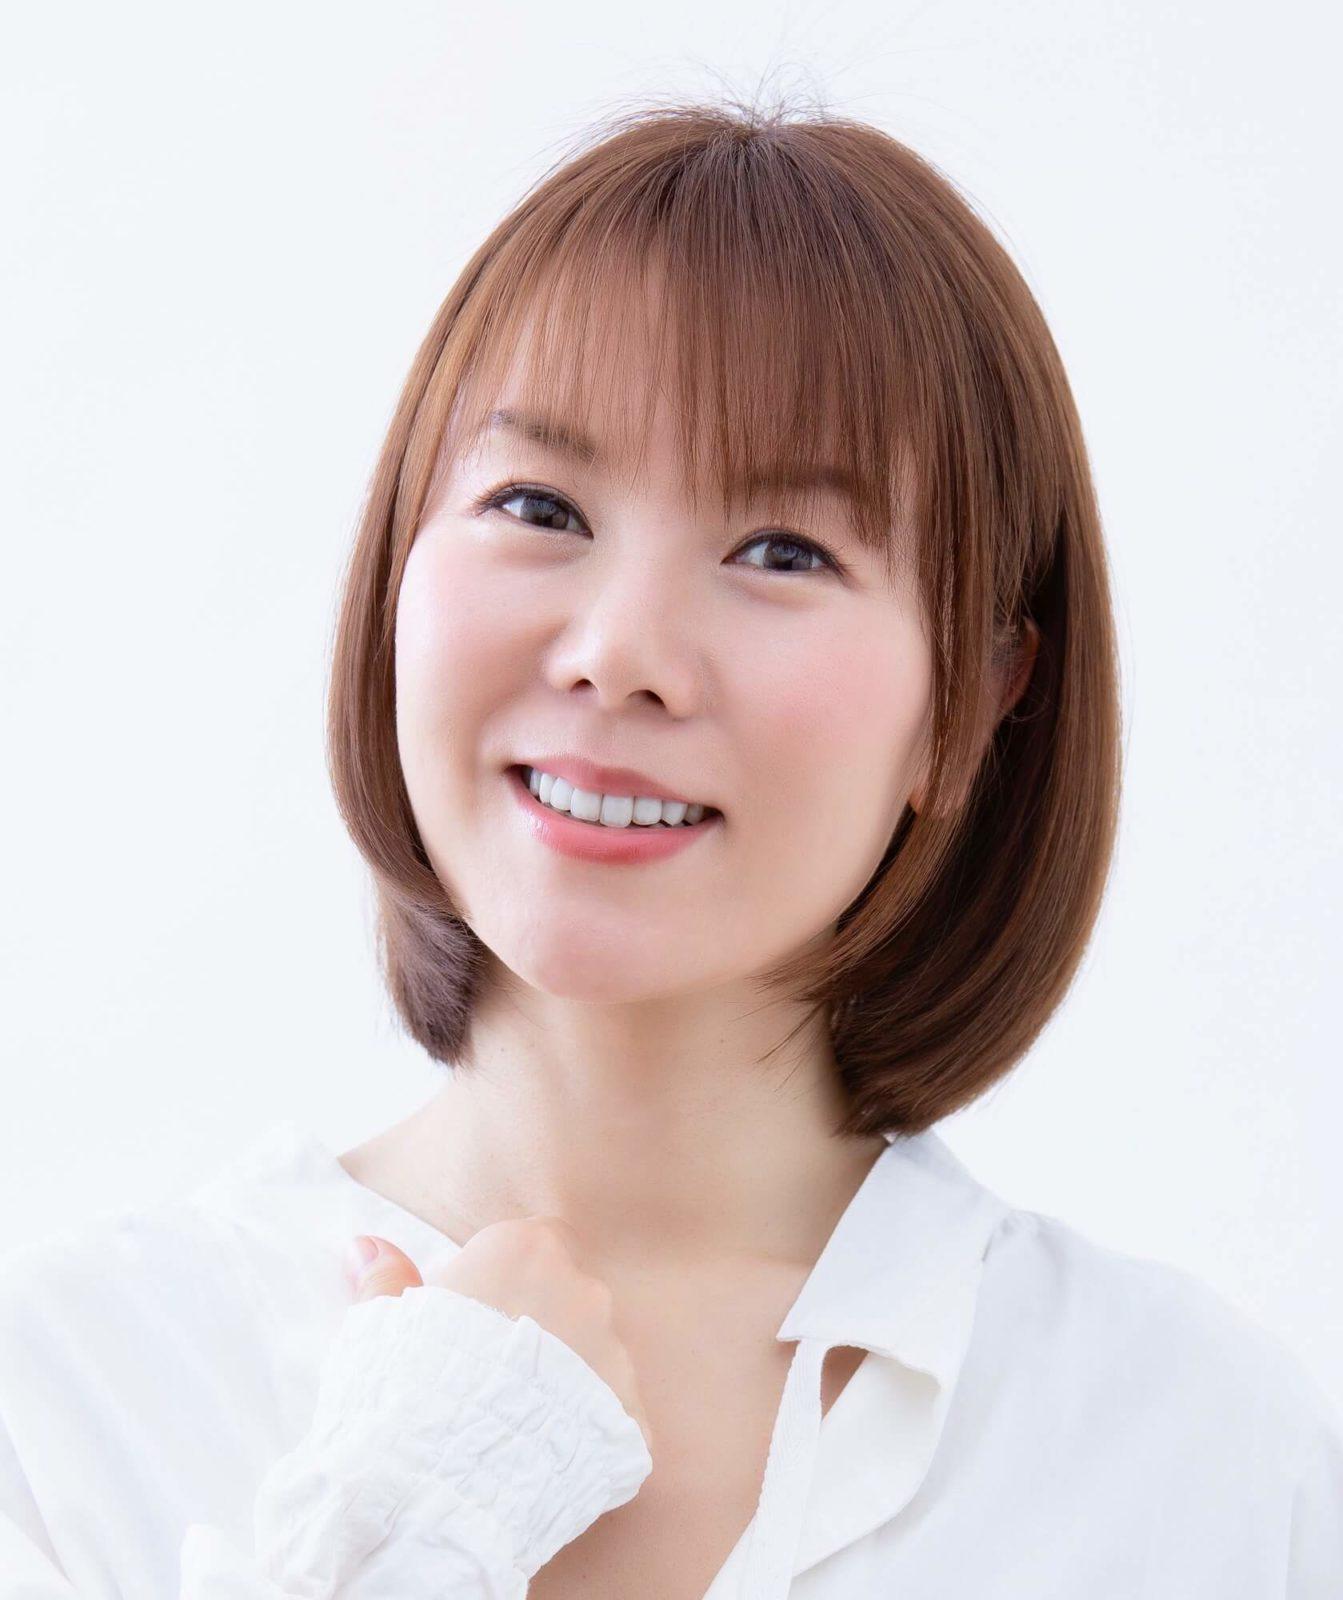 AAA宇野実彩子のソロ曲も2曲ランクイン!今注目の歌詞ランキング1位には半崎美子の「心の活路」が初登場サムネイル画像